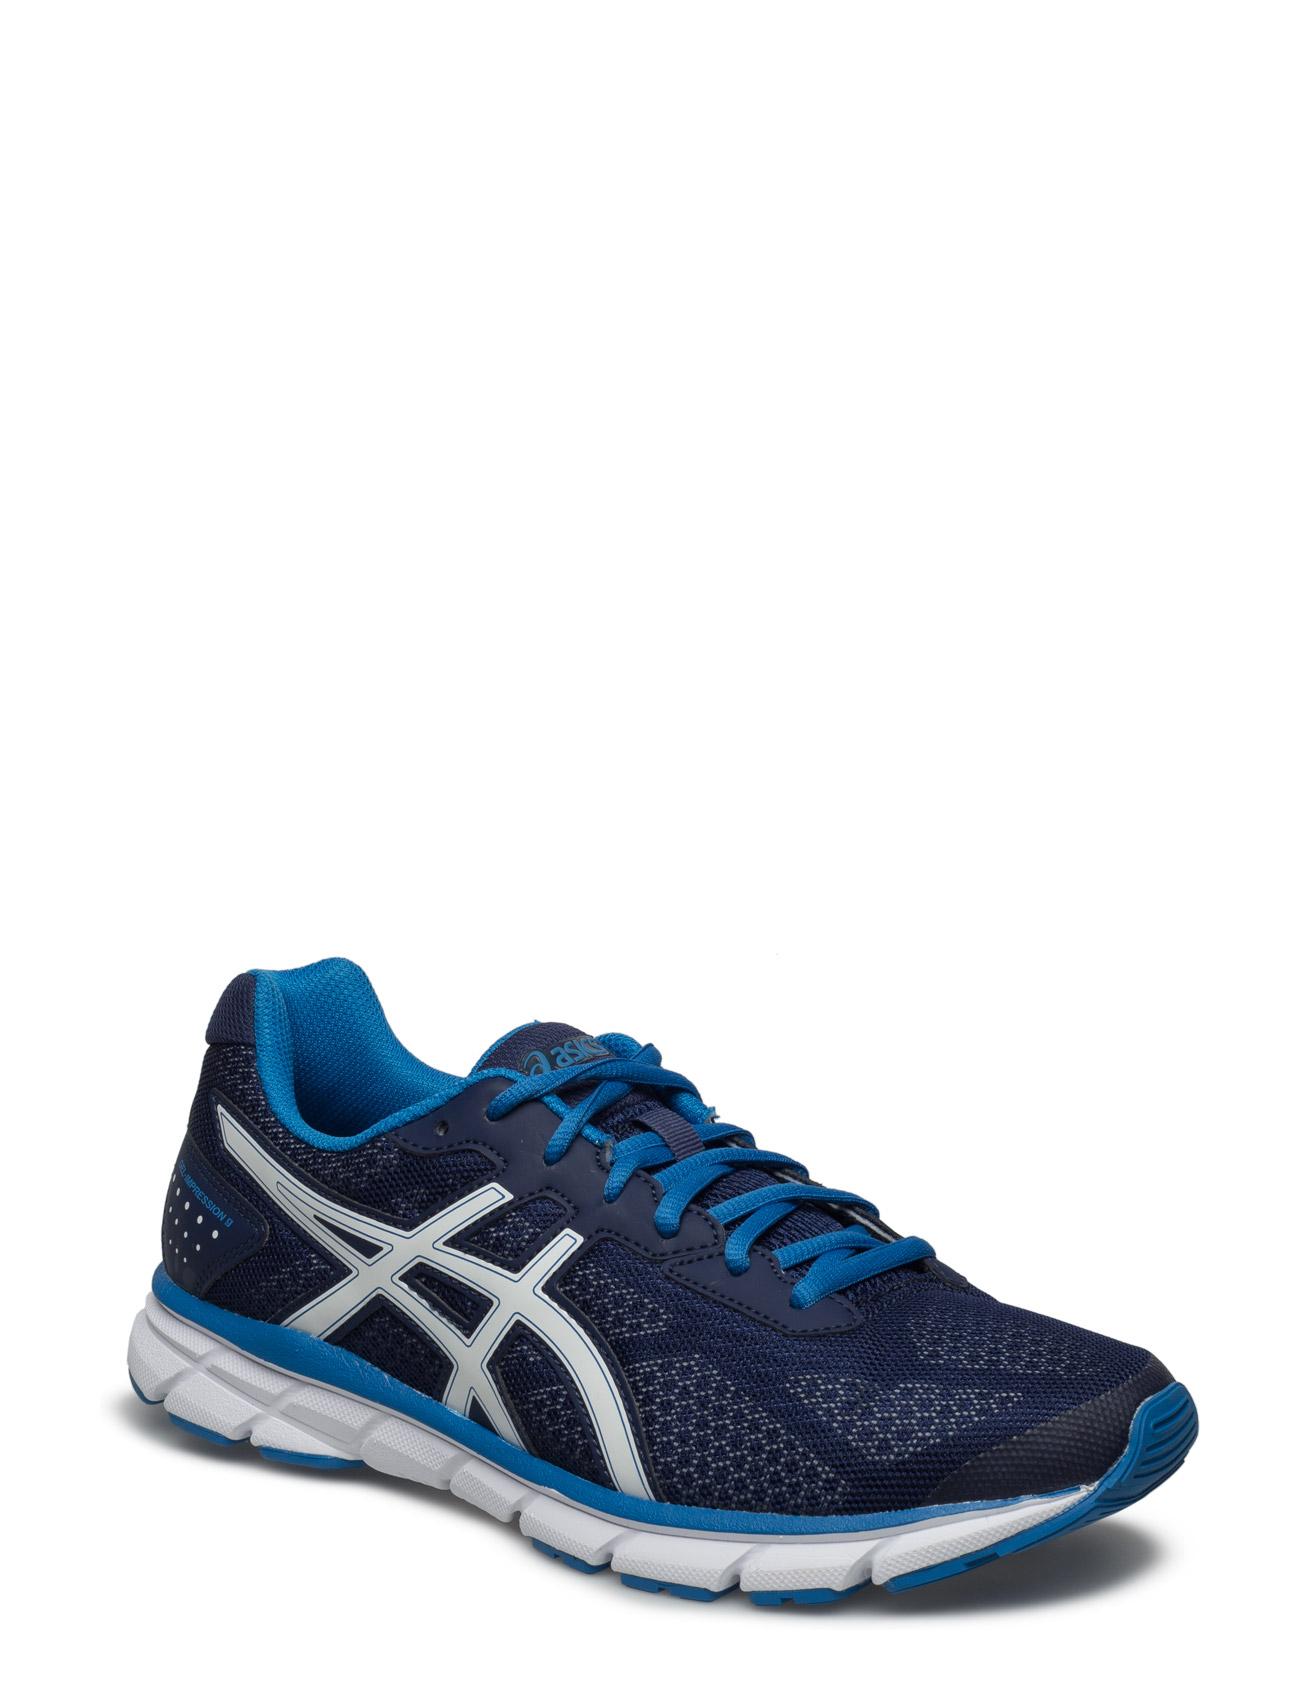 T6f1n-Gel-Impression 9 Asics Sports sko til Herrer i hvid